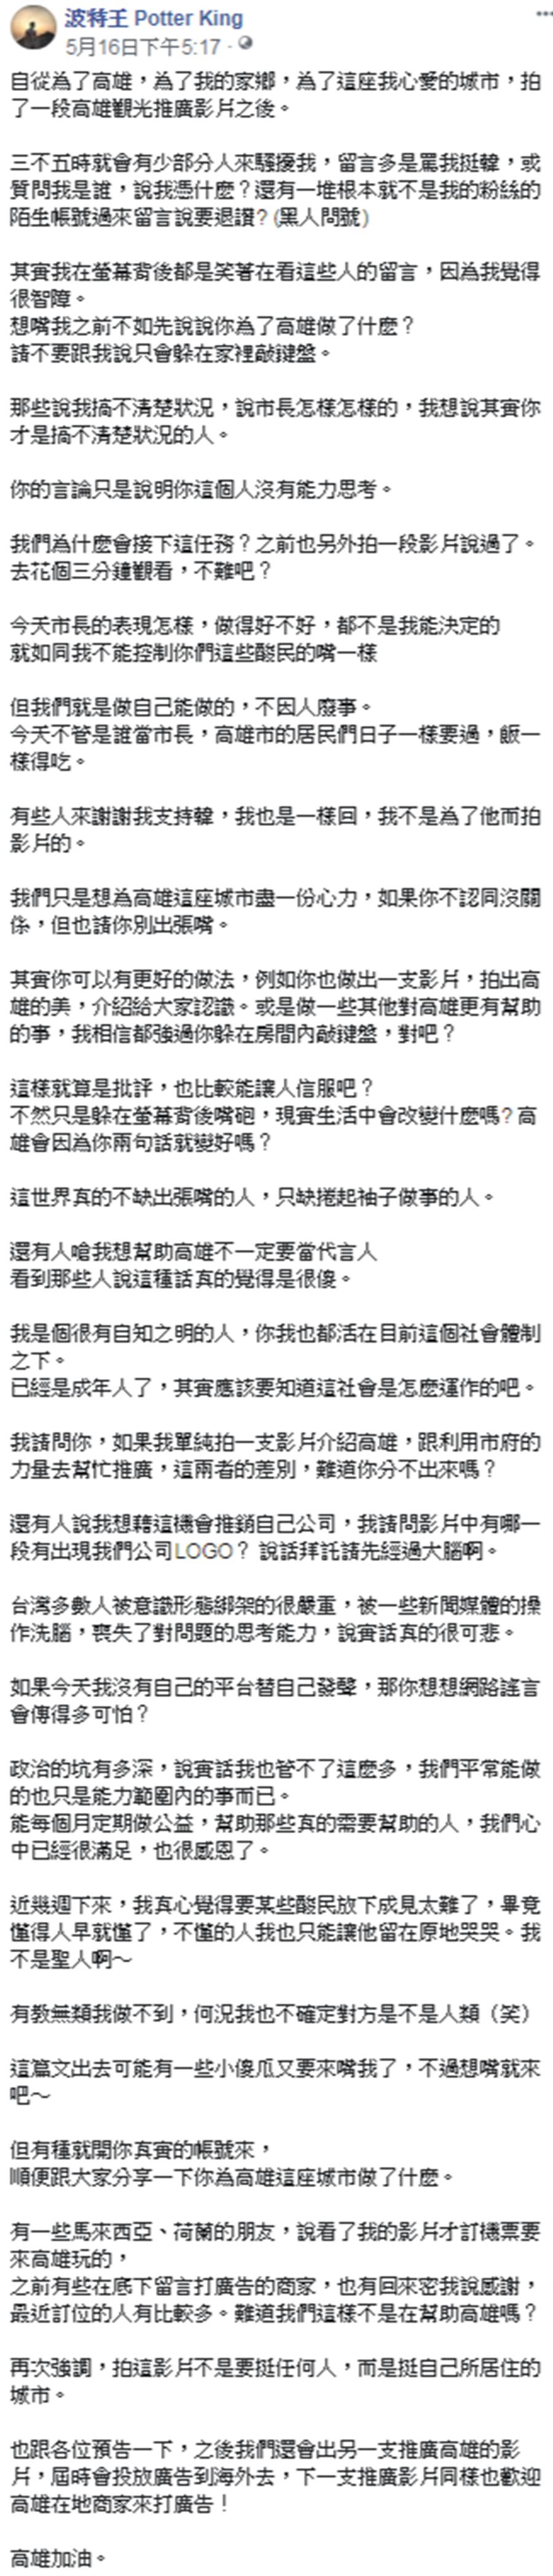 波特王臉書全文。(影片/波特王臉書)